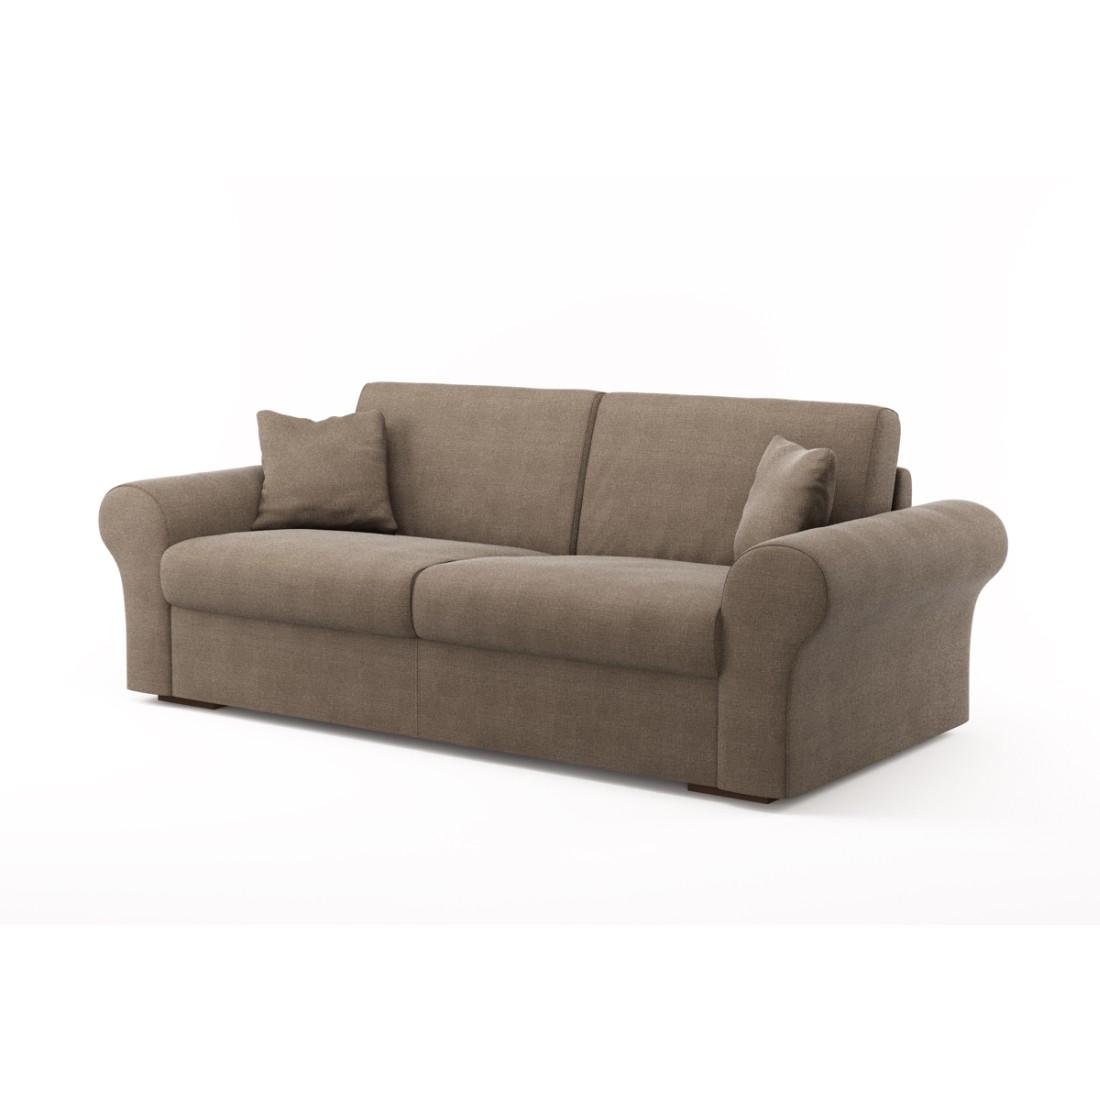 Schlafsofa Novo (3-Sitzer) – Cielo Vip 5 251 (Sandbraun), Von Wilmowsky jetzt bestellen